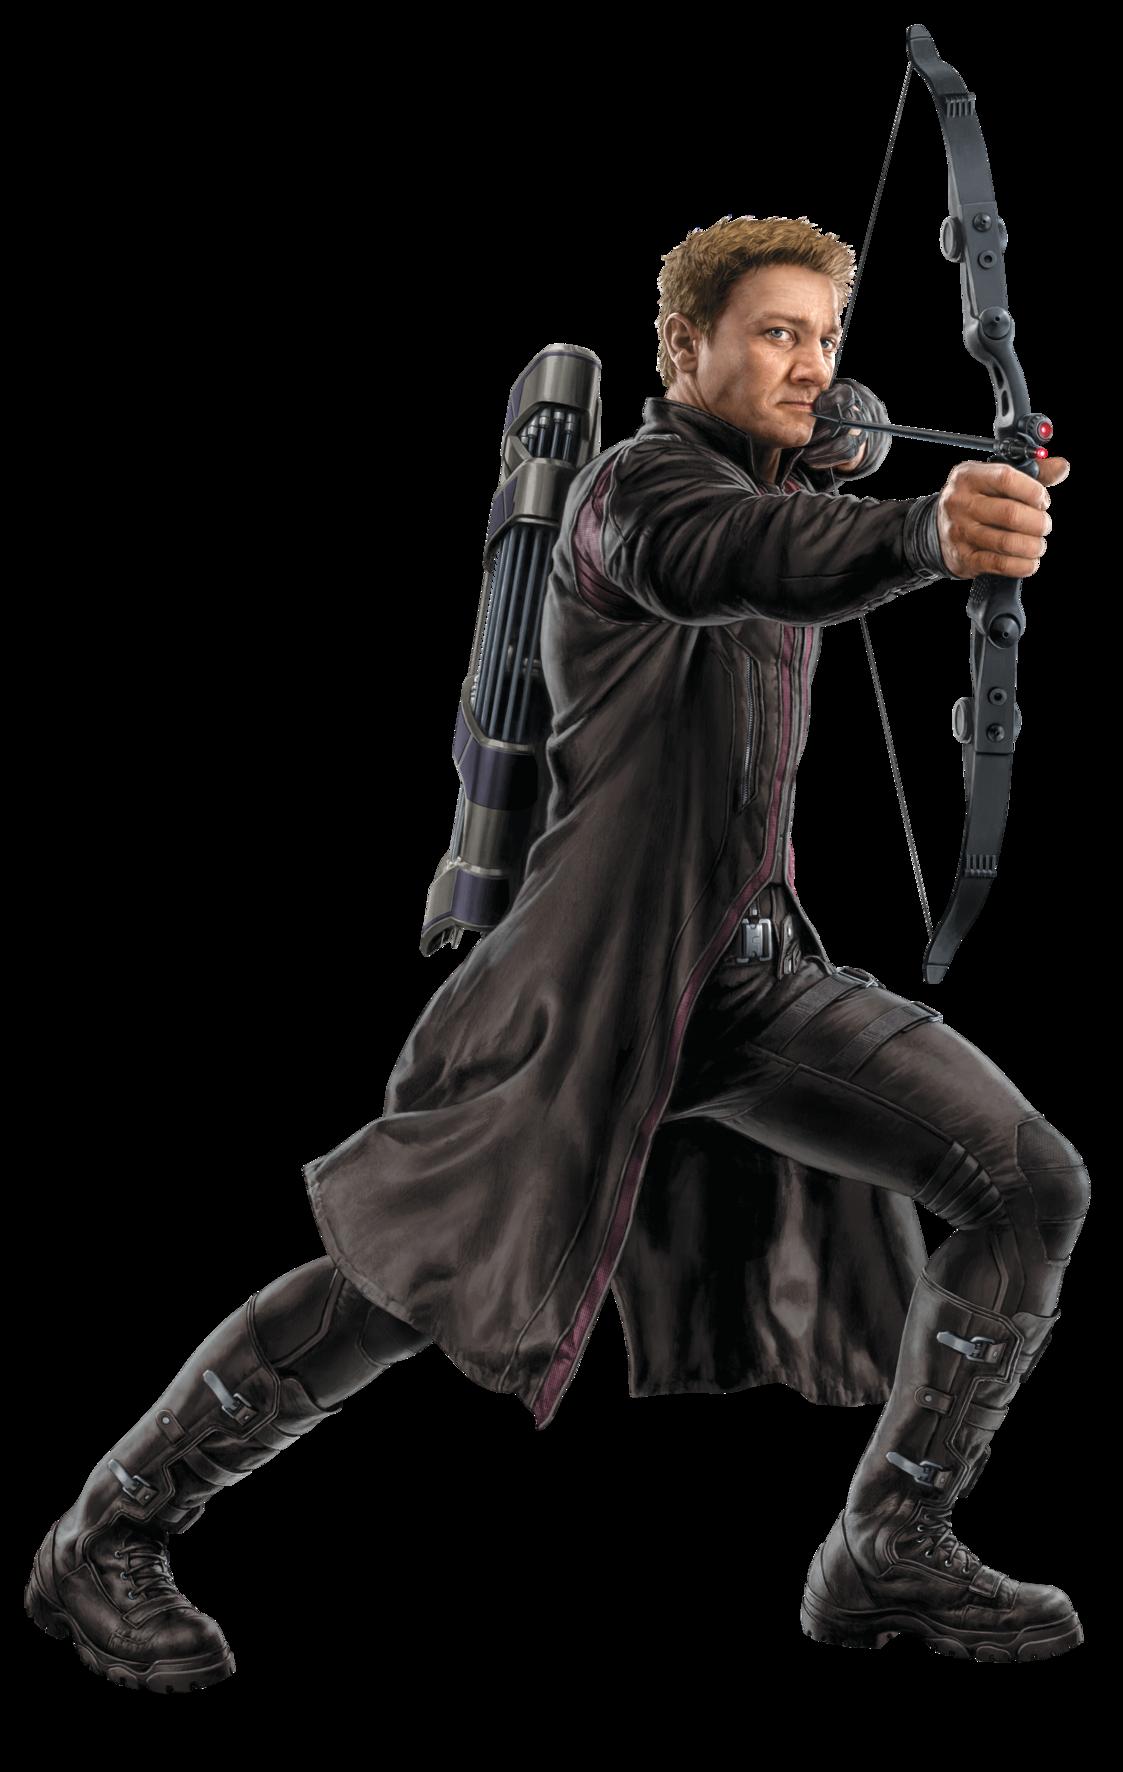 AoU Hawkeye 0001.png - Hawkeye PNG